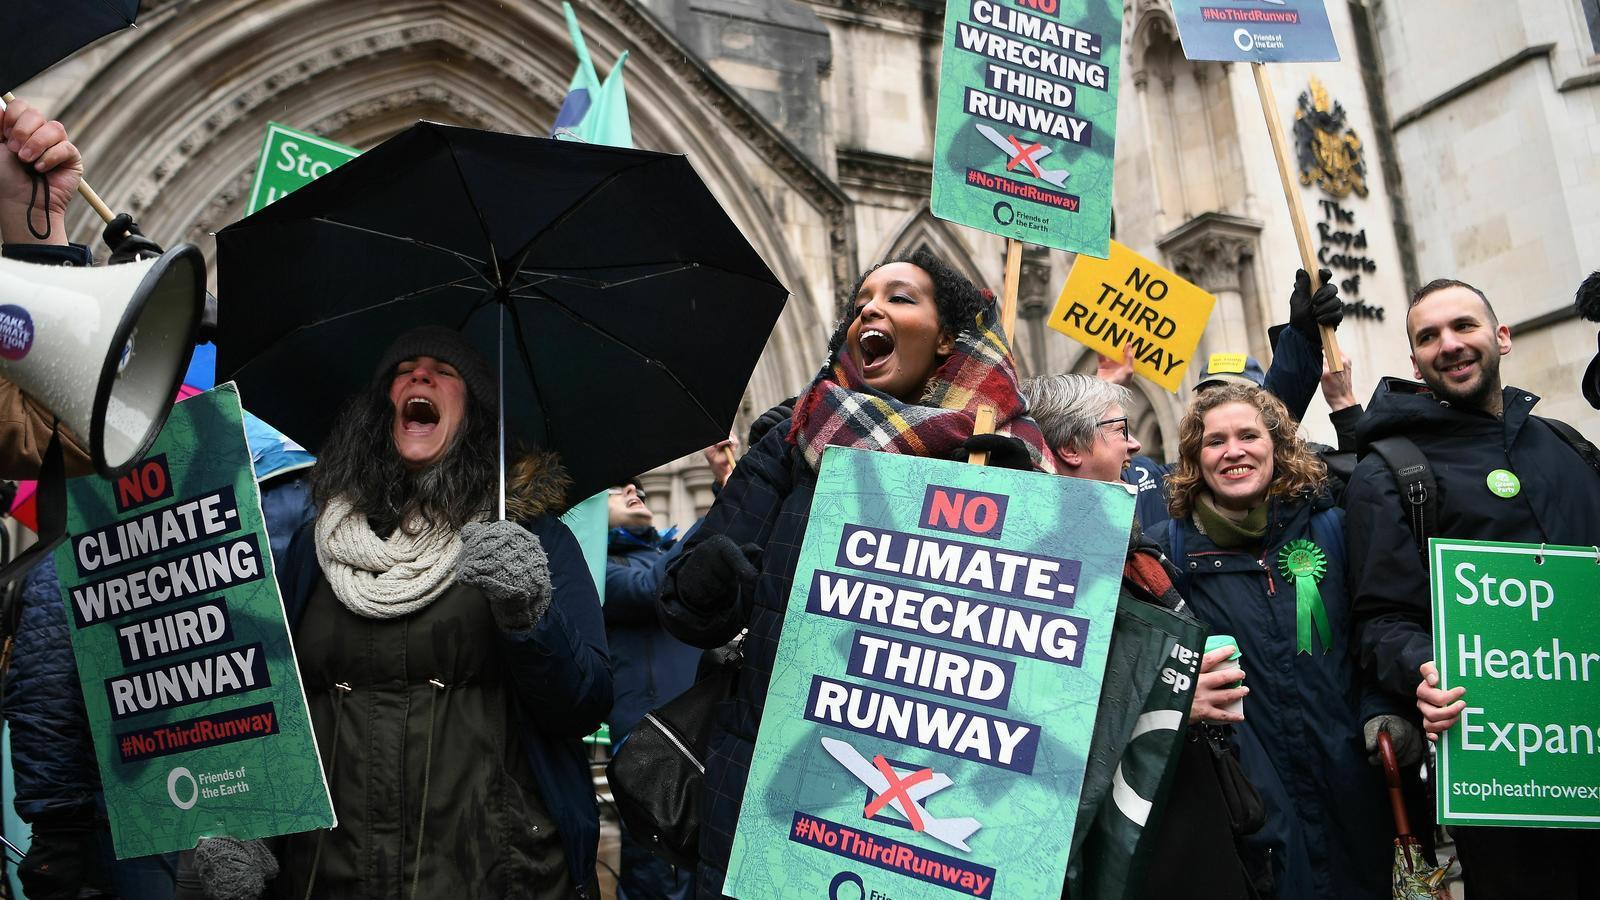 Els ecologistes celebren la decisió de davant de l'Alt Tribunal de Londres la paralització de la tercera pista de l'aeroport de Heathrow.